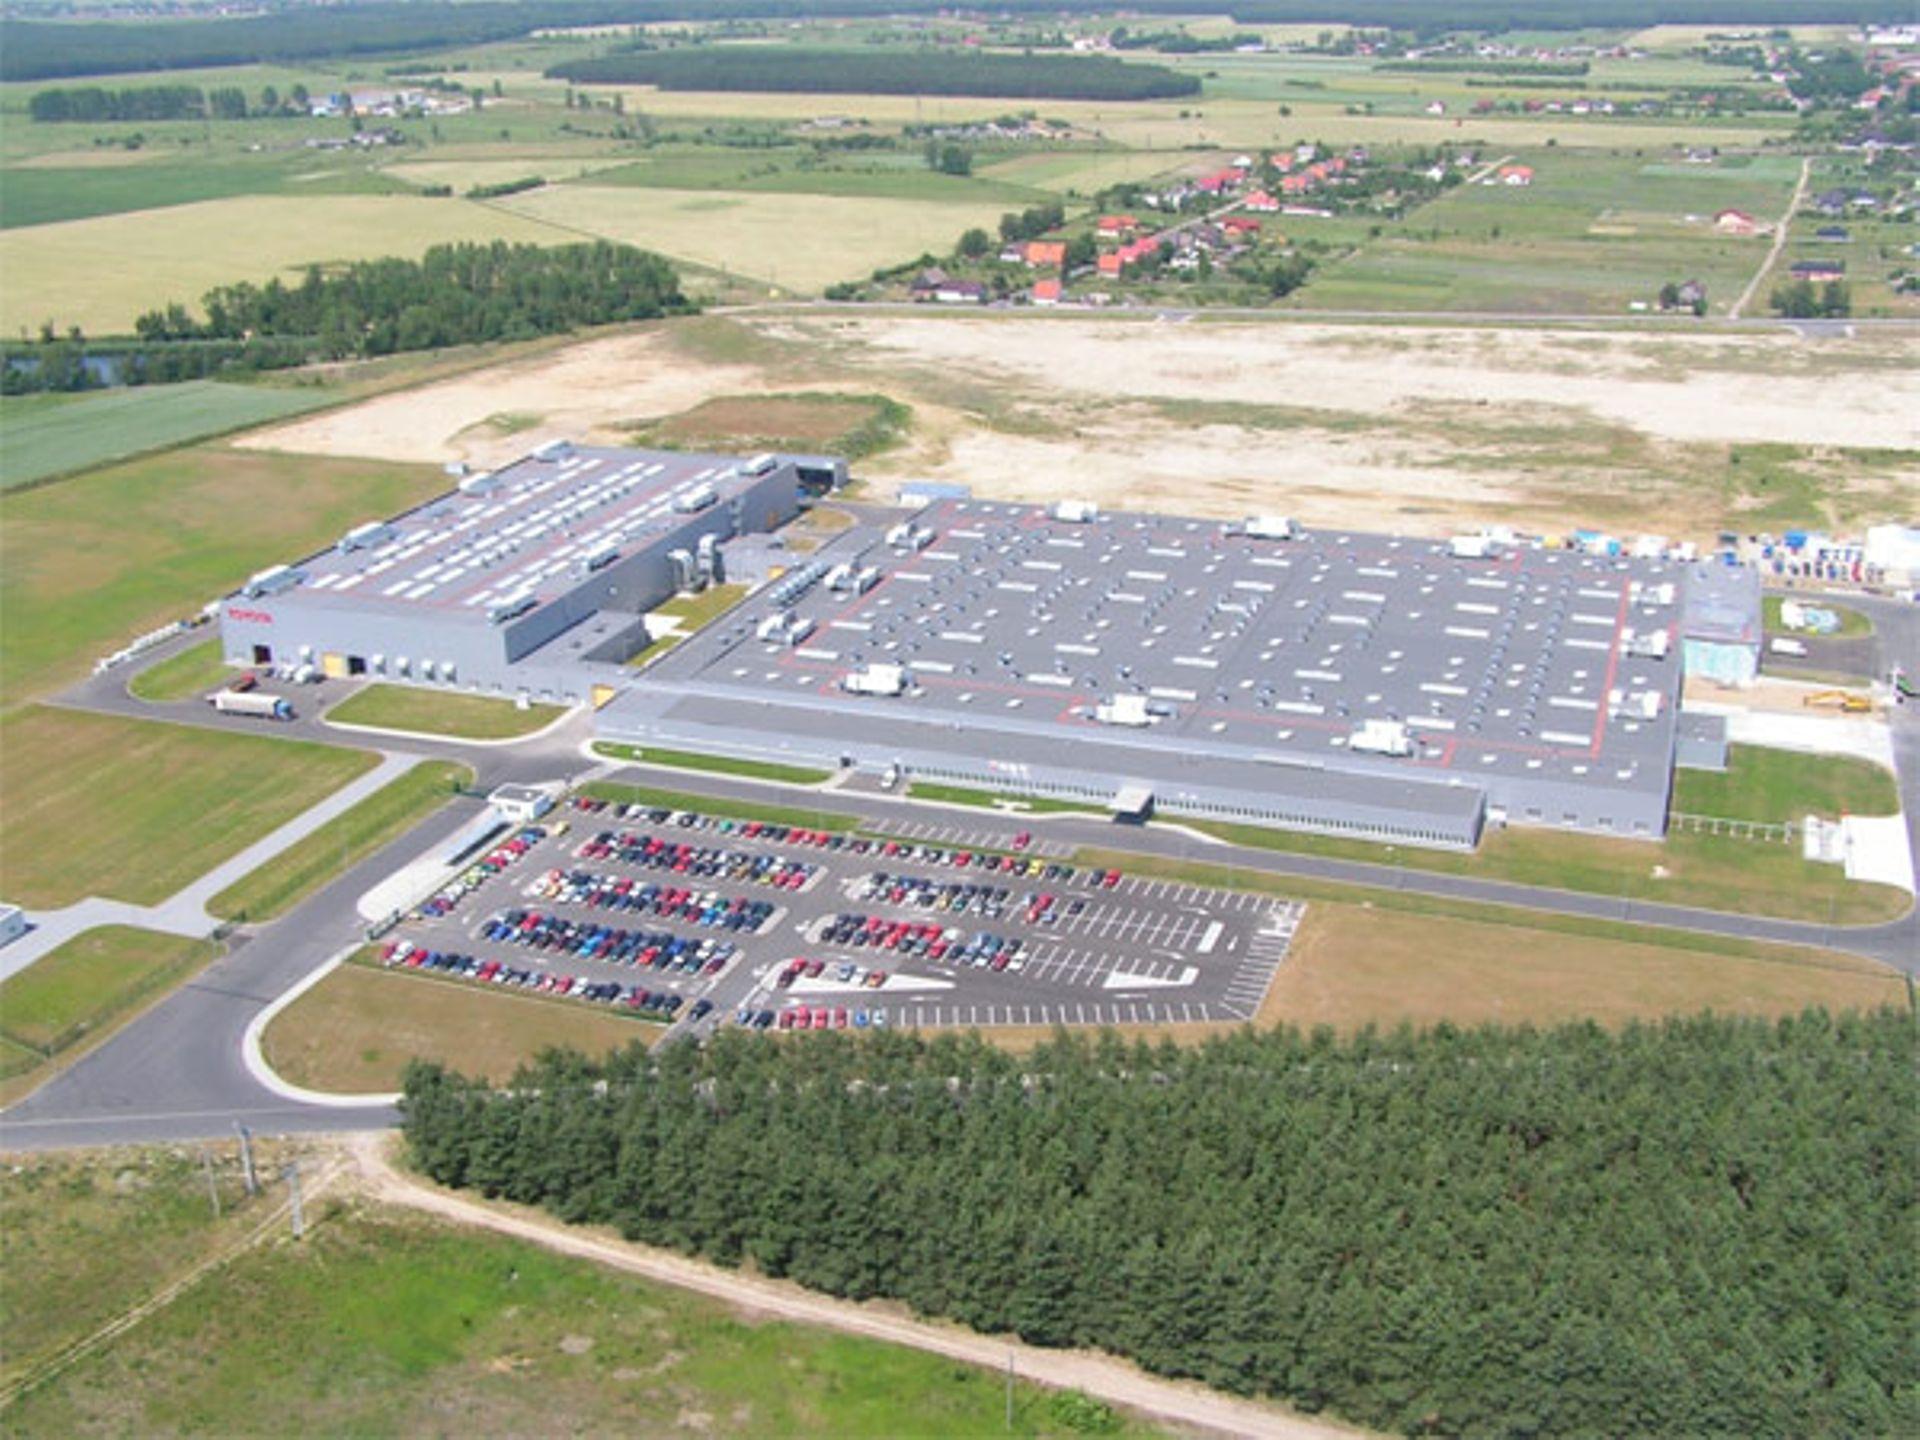 Aglomeracja Wrocławska: Toyota zwiększa zatrudnienie. Będzie 500 nowycyh miejsc pracy pod Wrocławiem